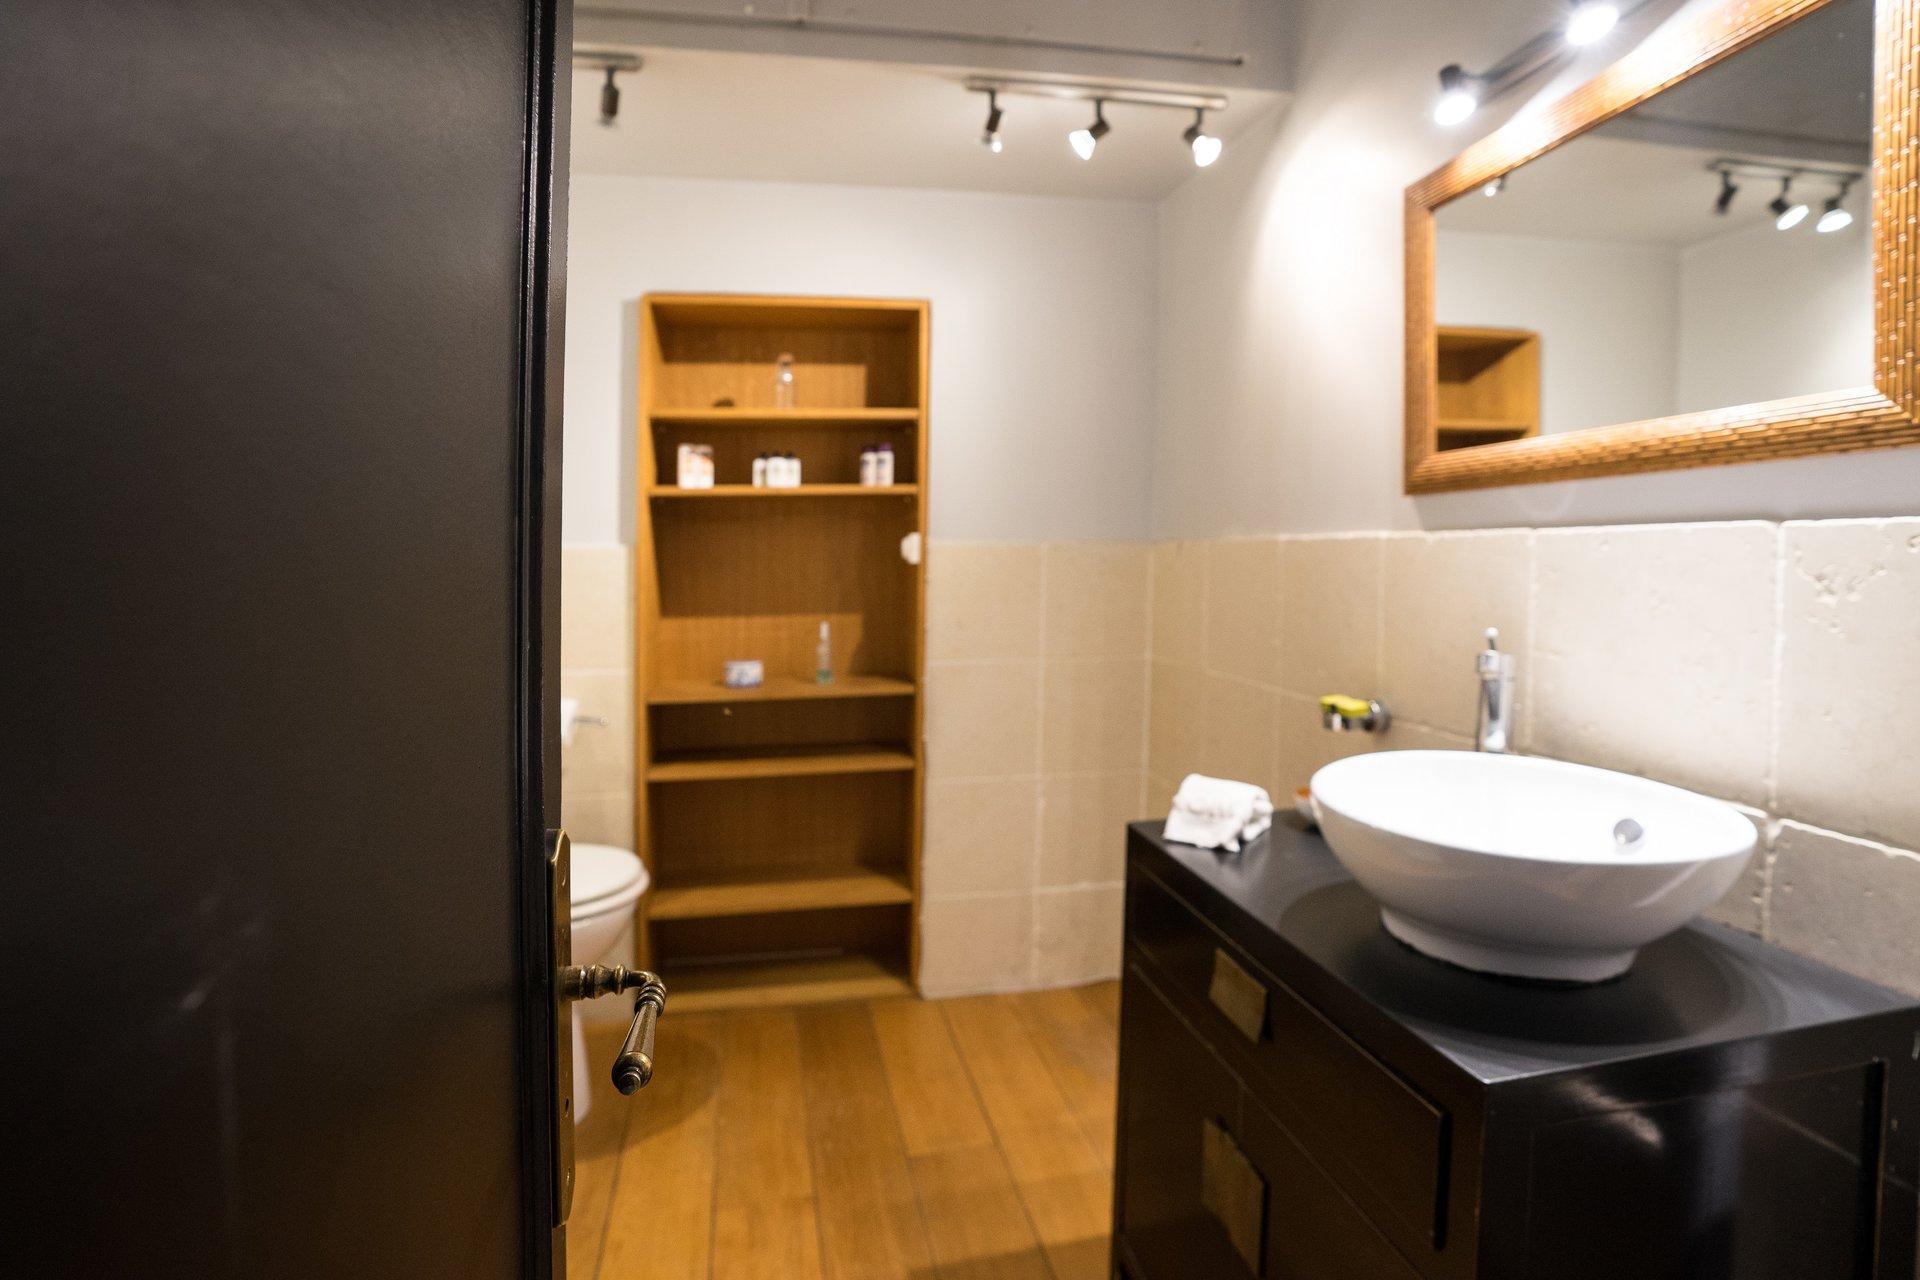 Sale Apartment - Paris 6th (Paris 6ème)